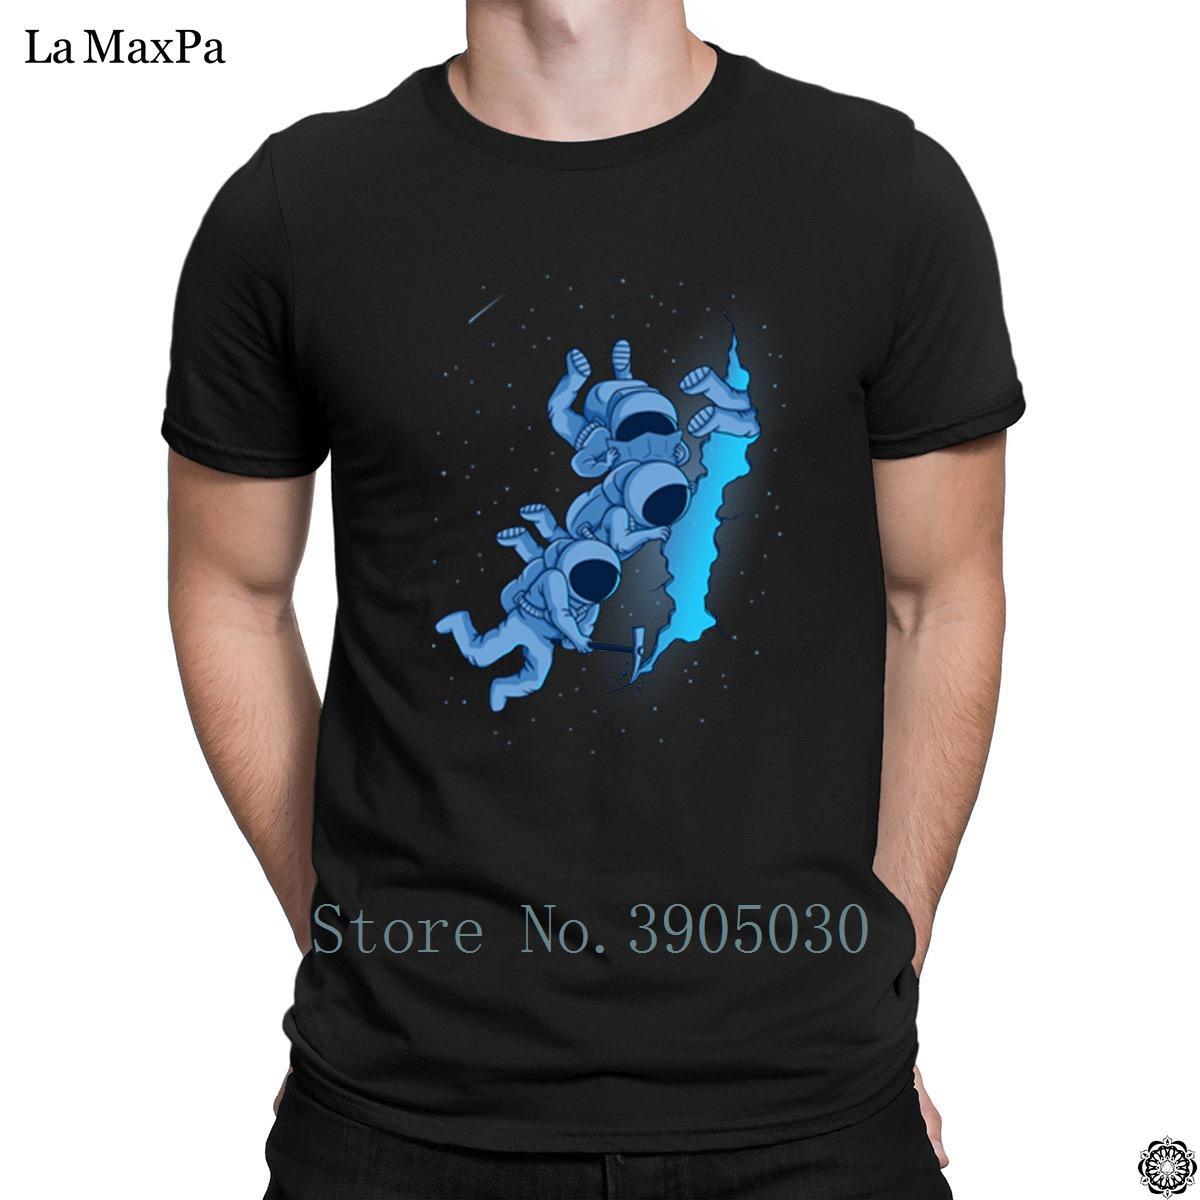 Nouveau style T-shirt d'été pour les hommes L'extérieur du monde des hommes T-shirt standard T-shirt à manches courtes Funky T-shirt pour les hommes Pop Top Tee